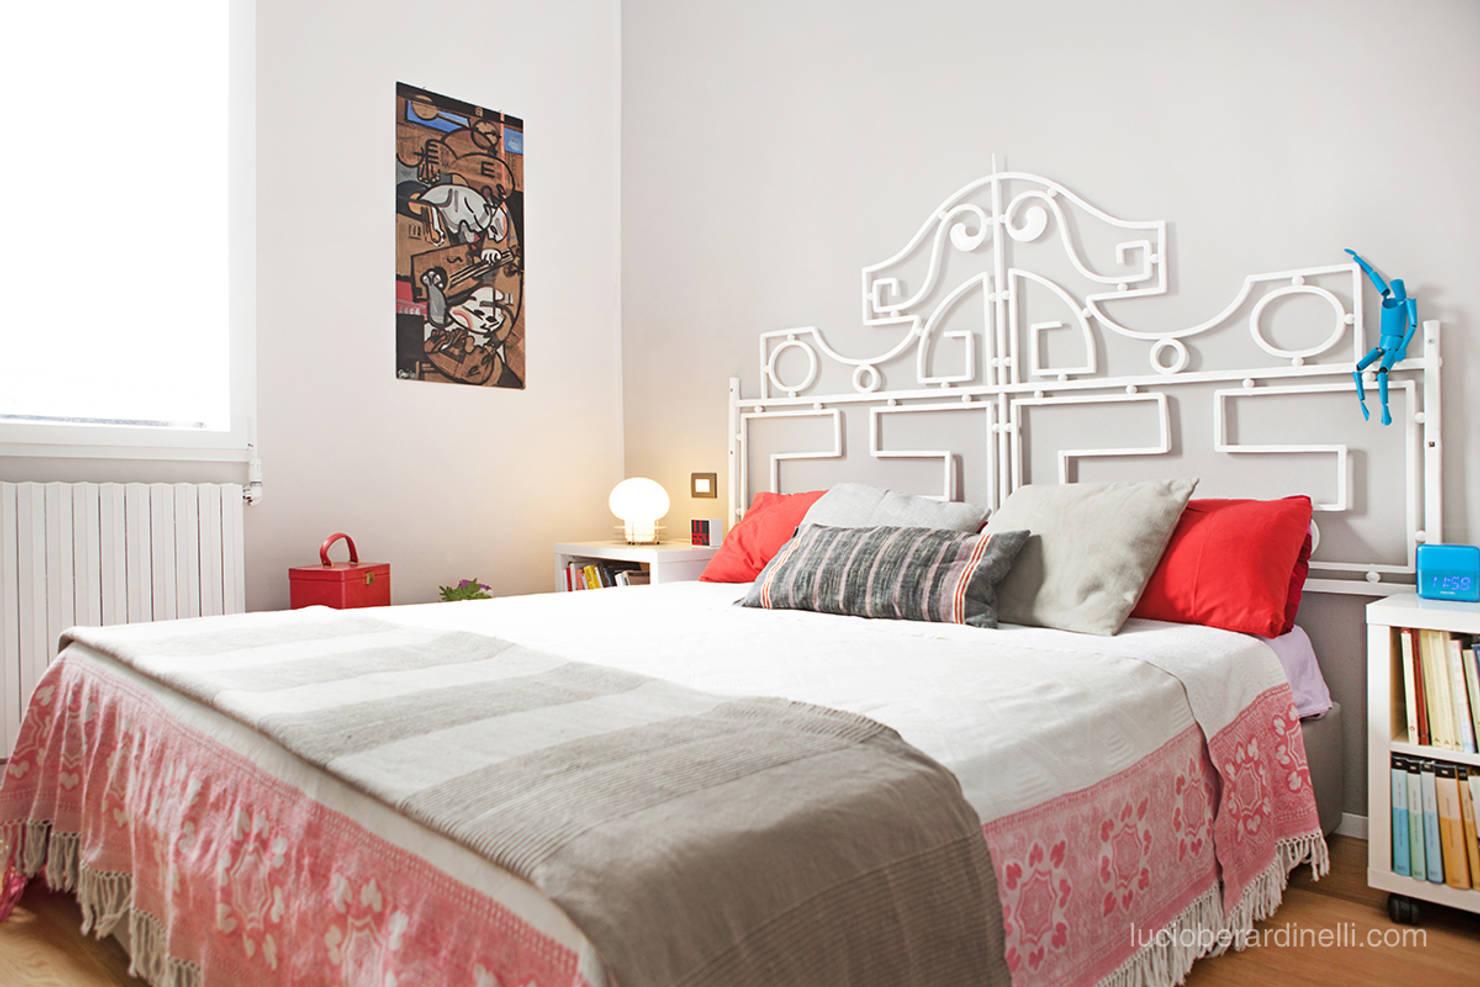 Soluciones creativas (y preciosas) para un dormitorio pequeño